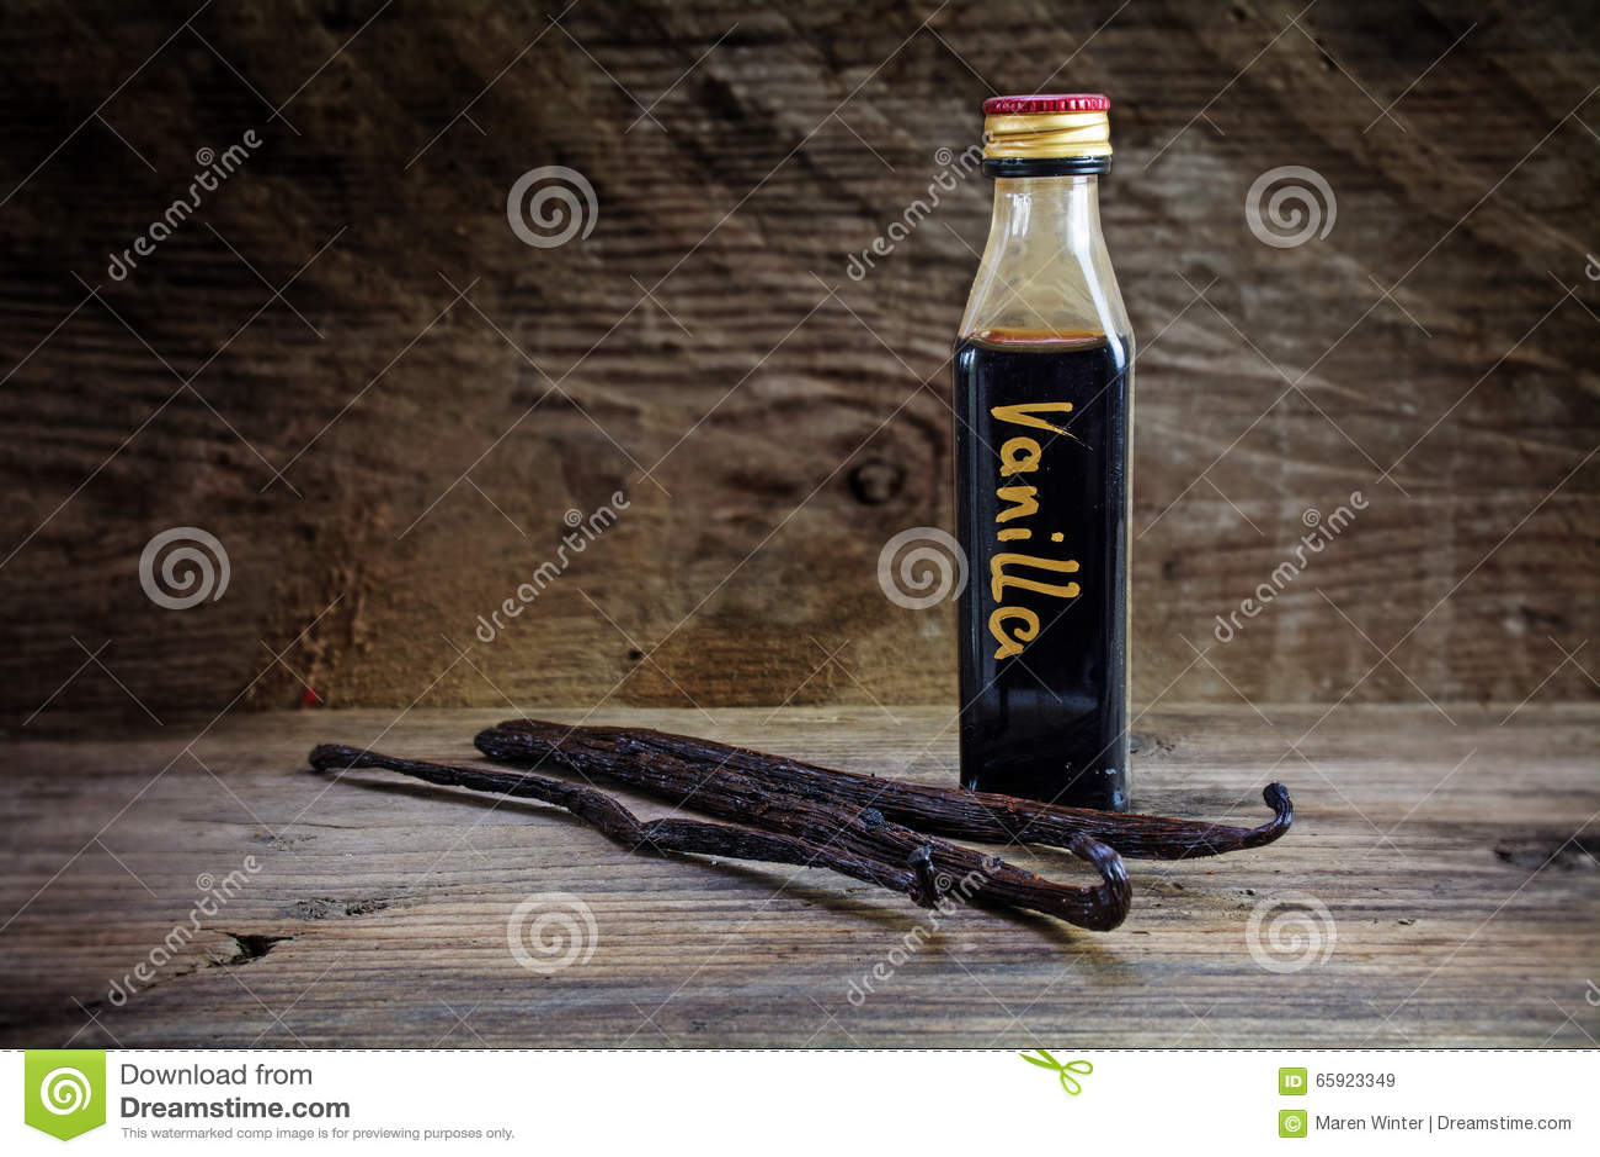 Estratto di vaniglia, casalingo in una piccola bottiglia e nei baccelli di vaniglia sopra